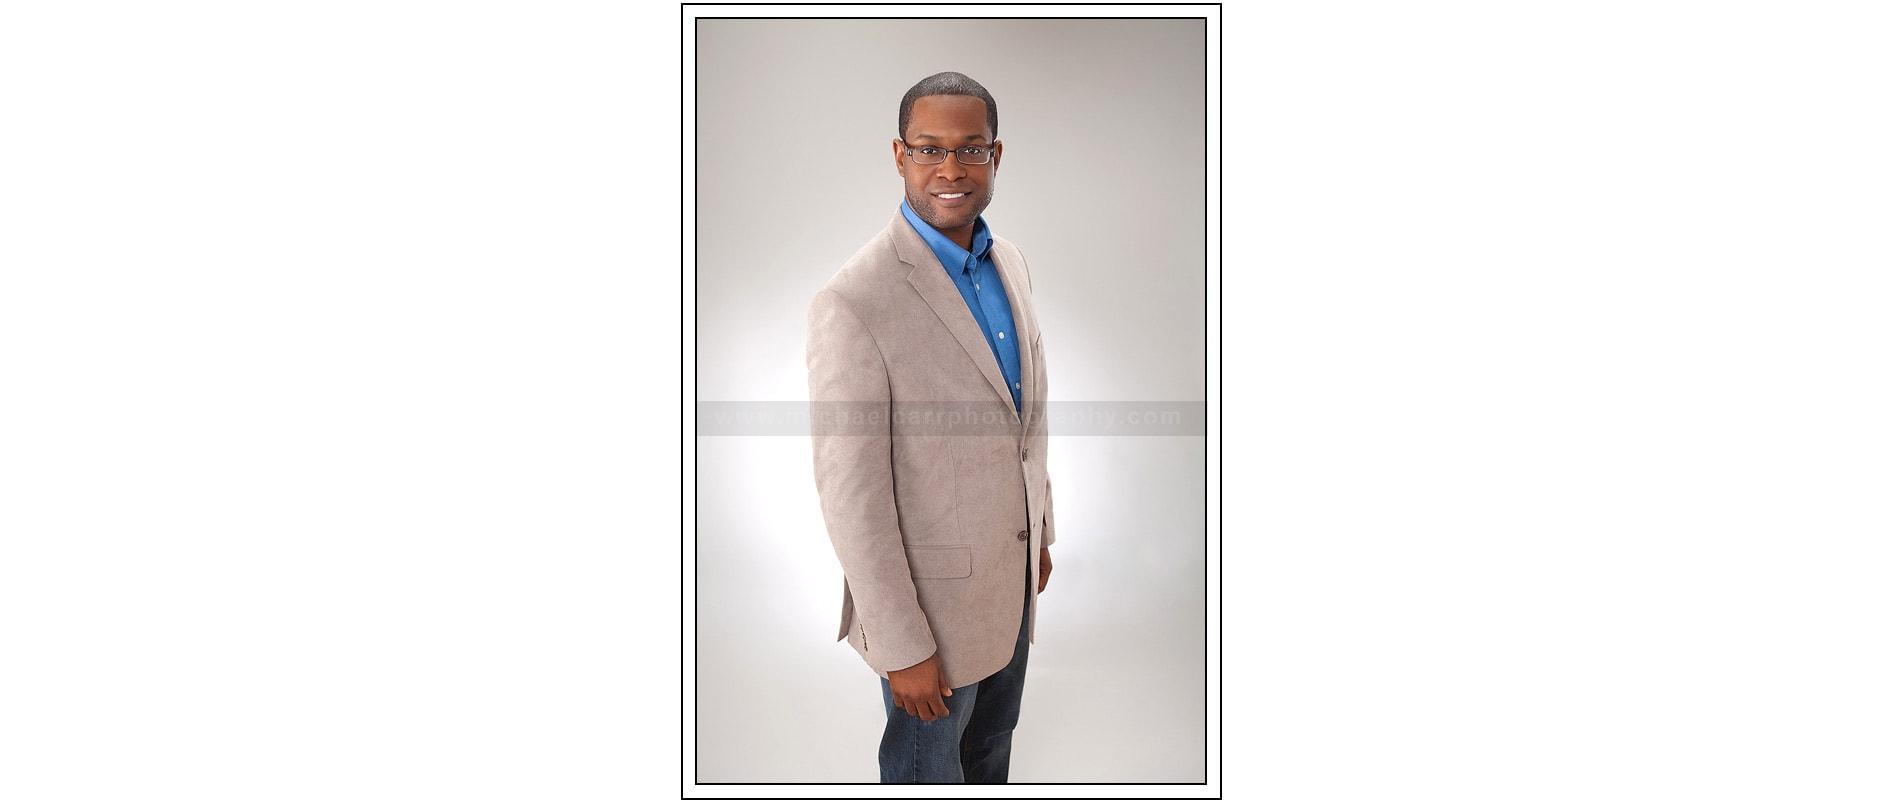 3/4 Casual Business Portrait